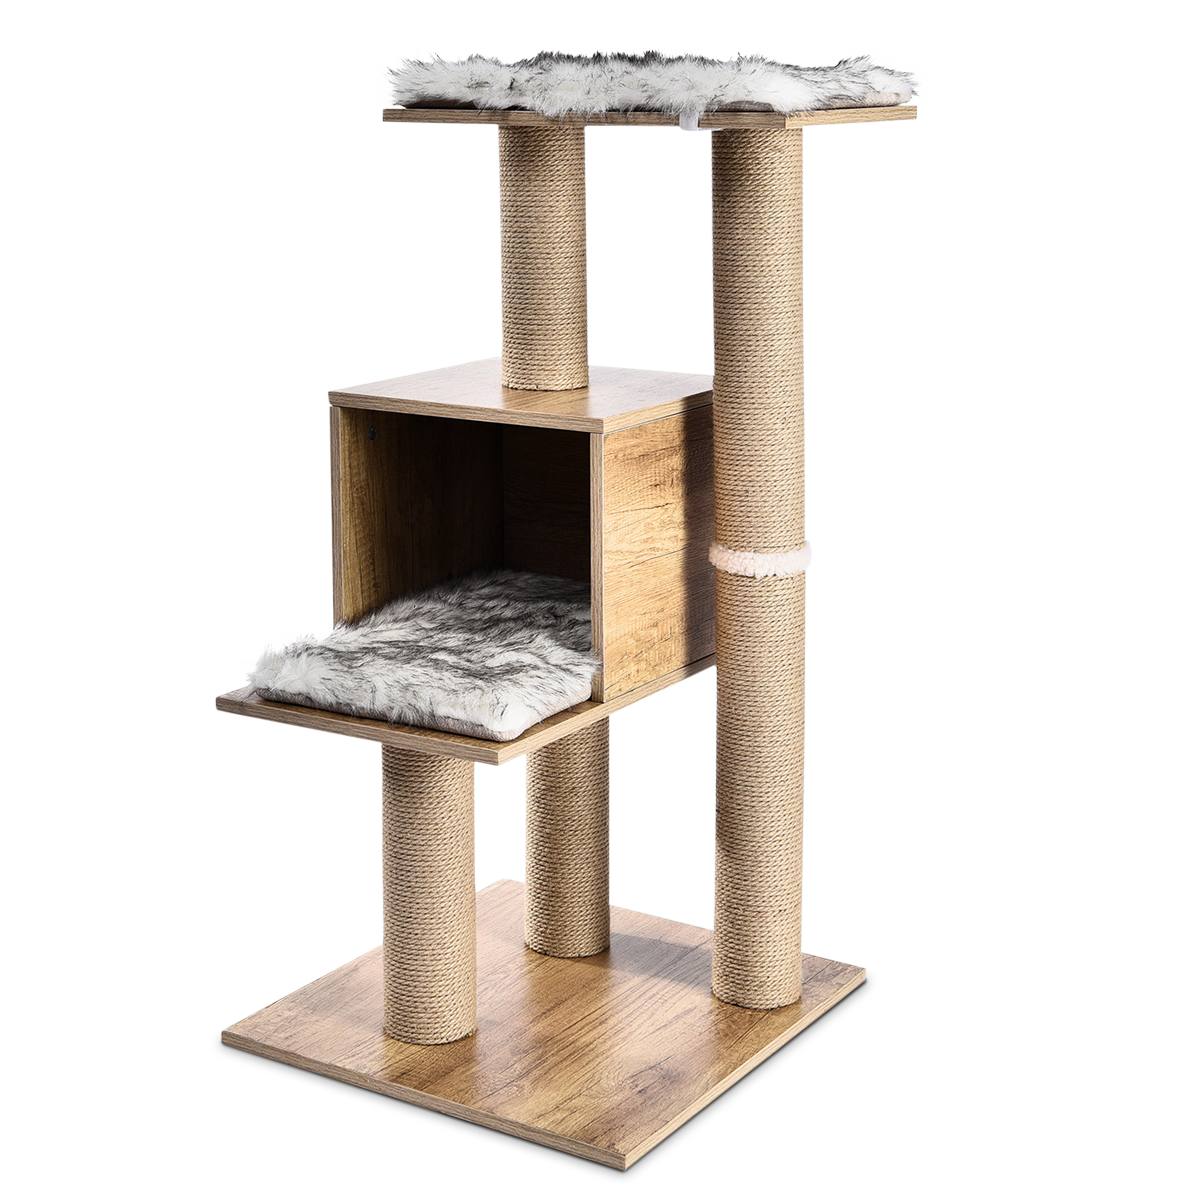 Casa de 3 pisos para gatos.